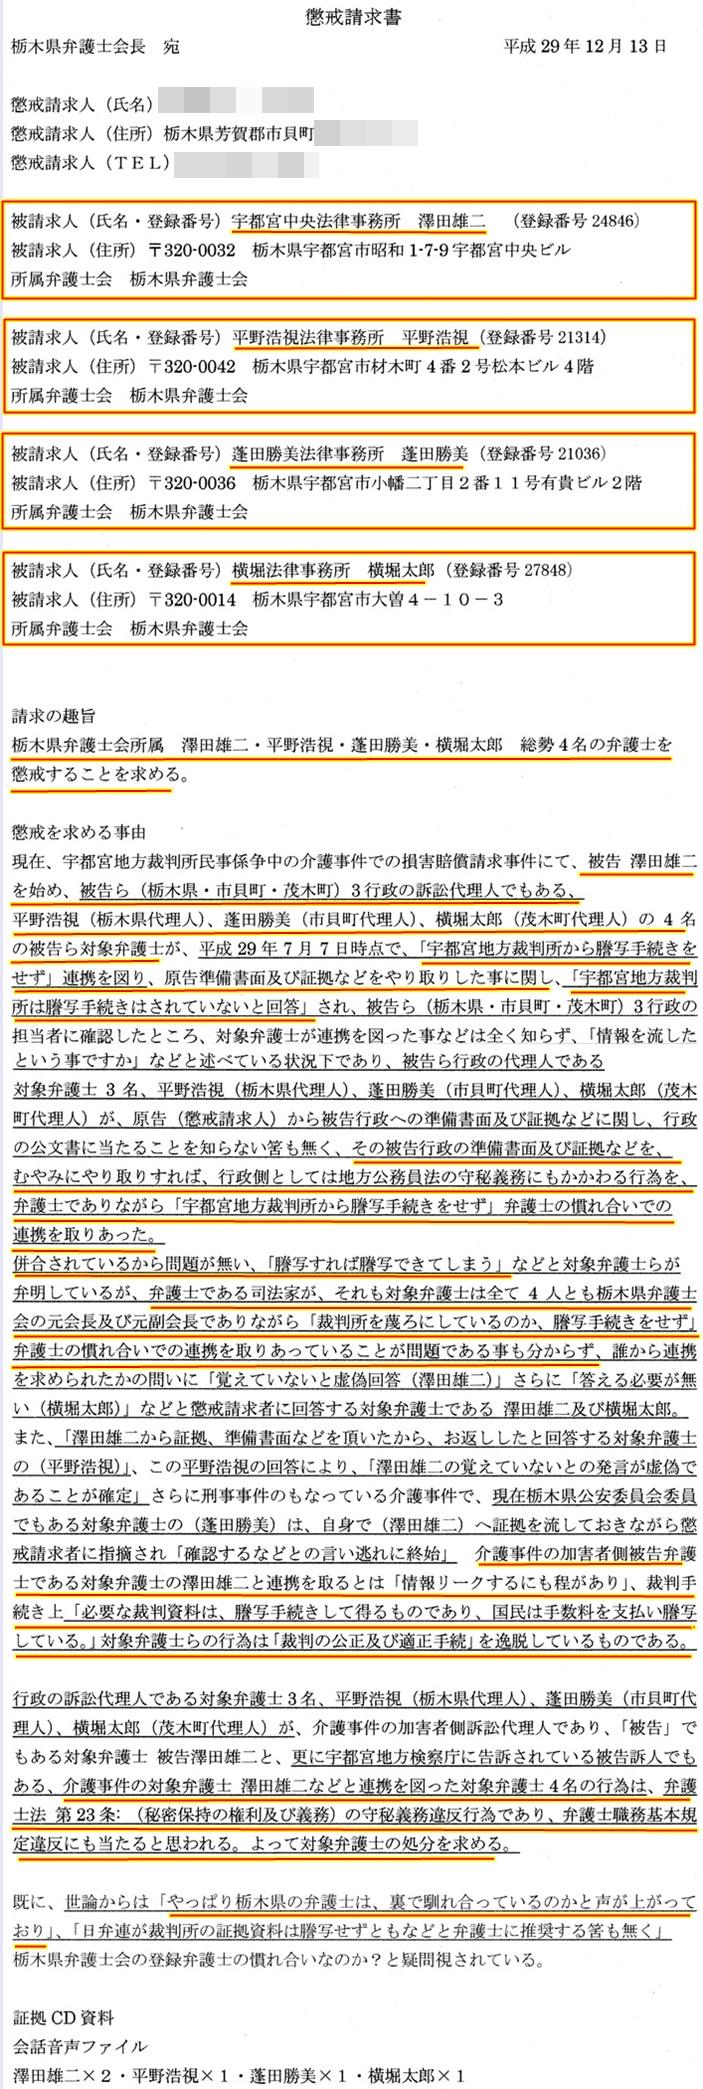 懲戒請求 澤田雄二弁護士 平野浩視弁護士 蓬田勝美弁護士 横堀法律弁護士